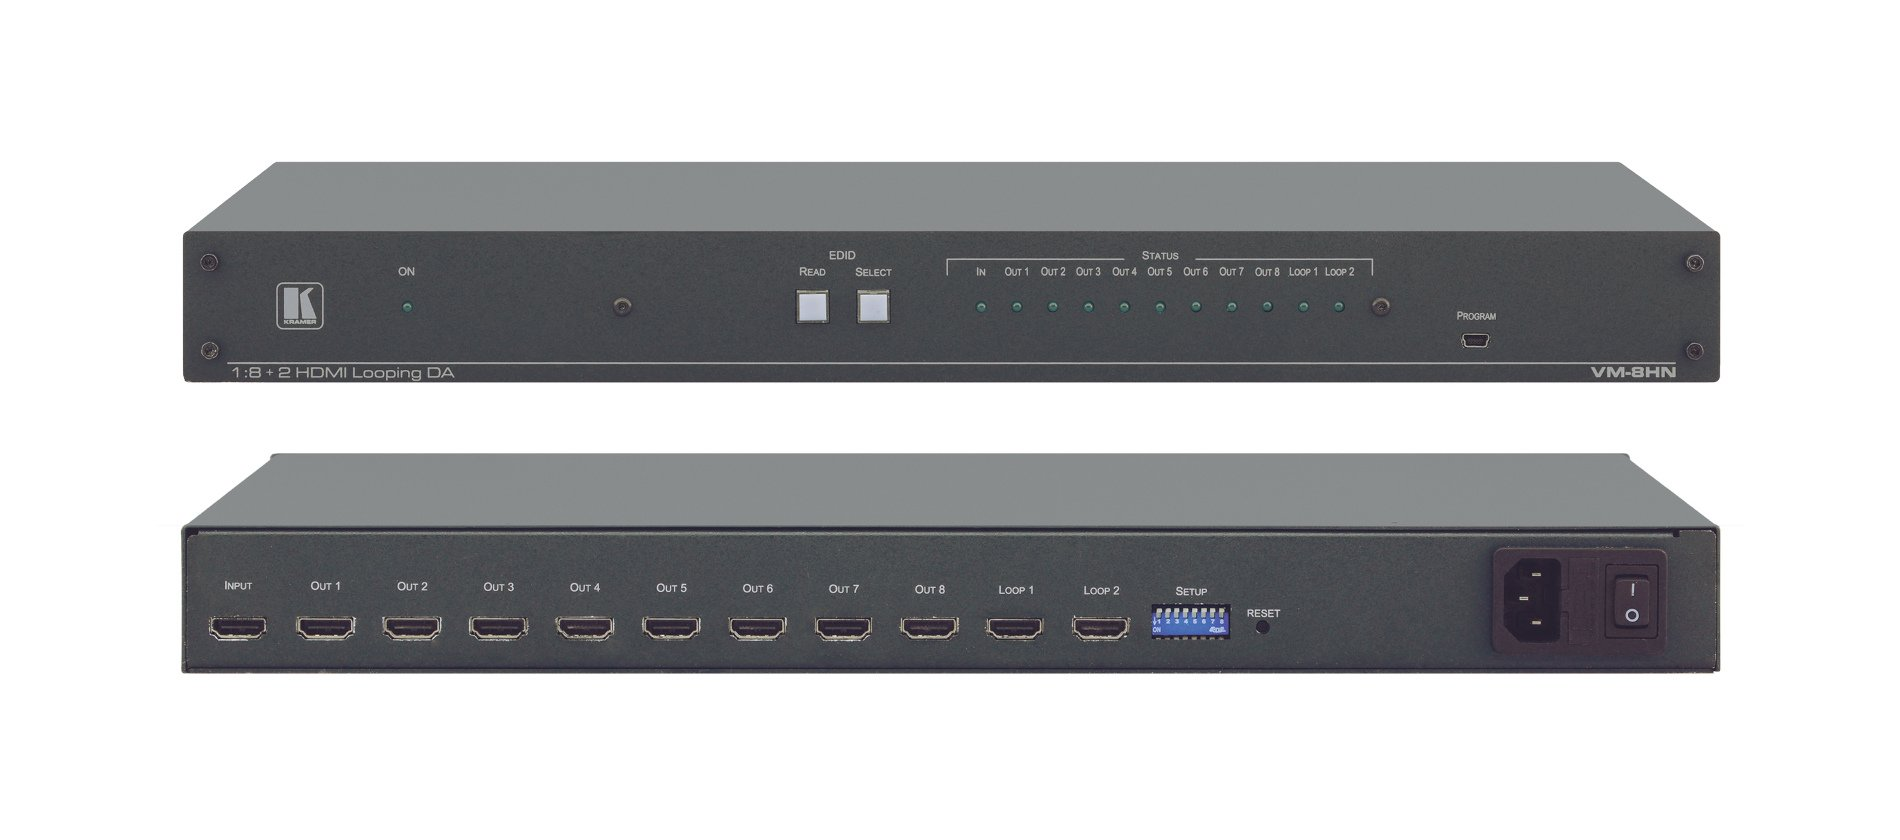 1:8+2 HDMI 4K Distribution Amplifier